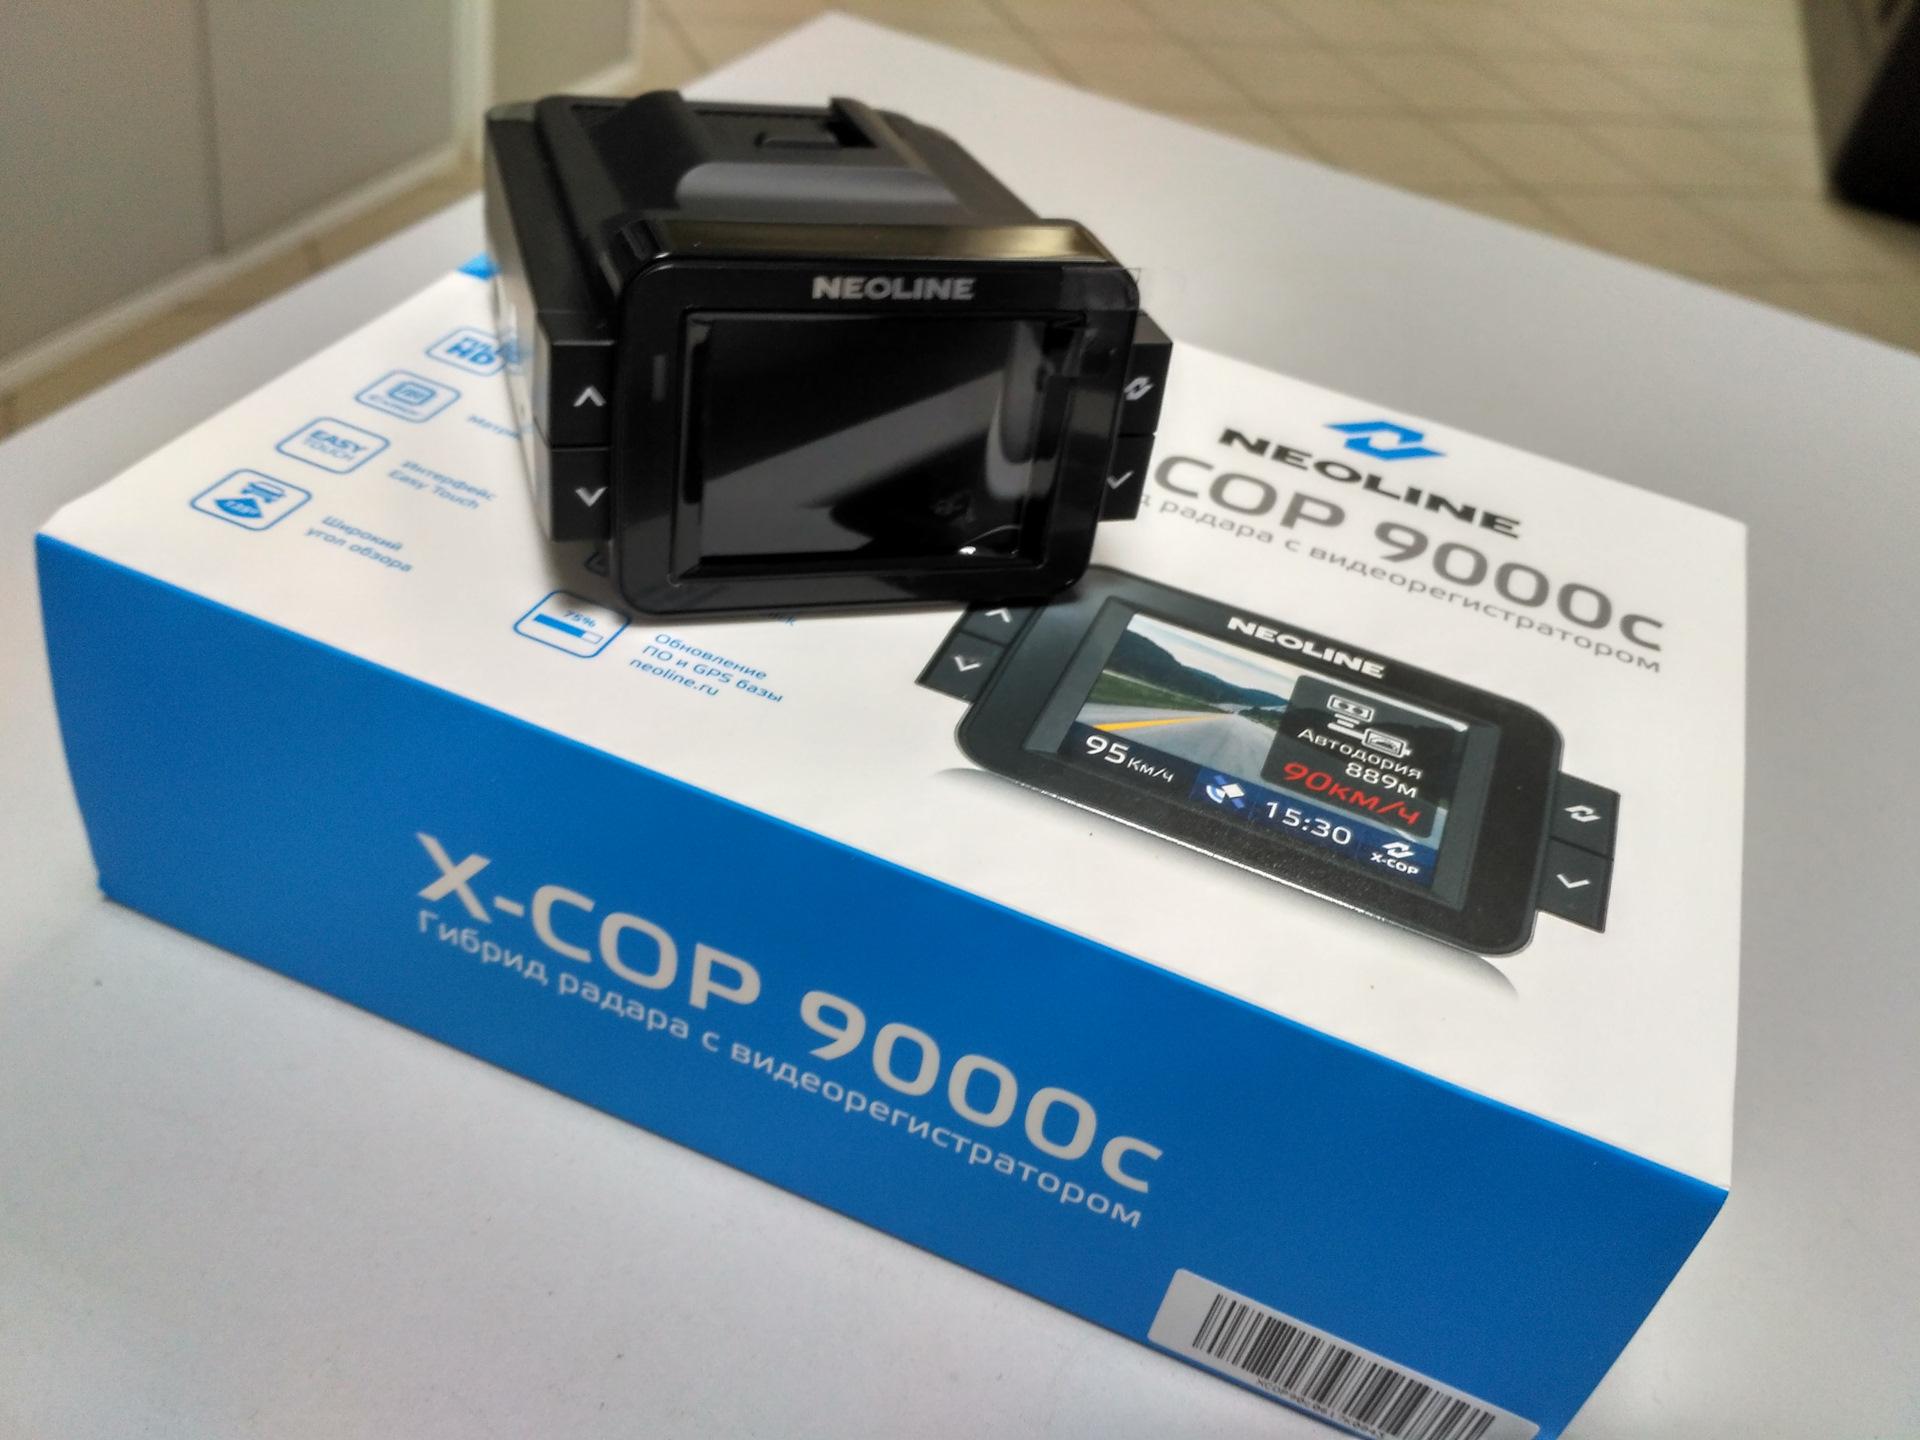 Гибрид Neoline X-Cop 9000C обзоры и обсуждения модели ...